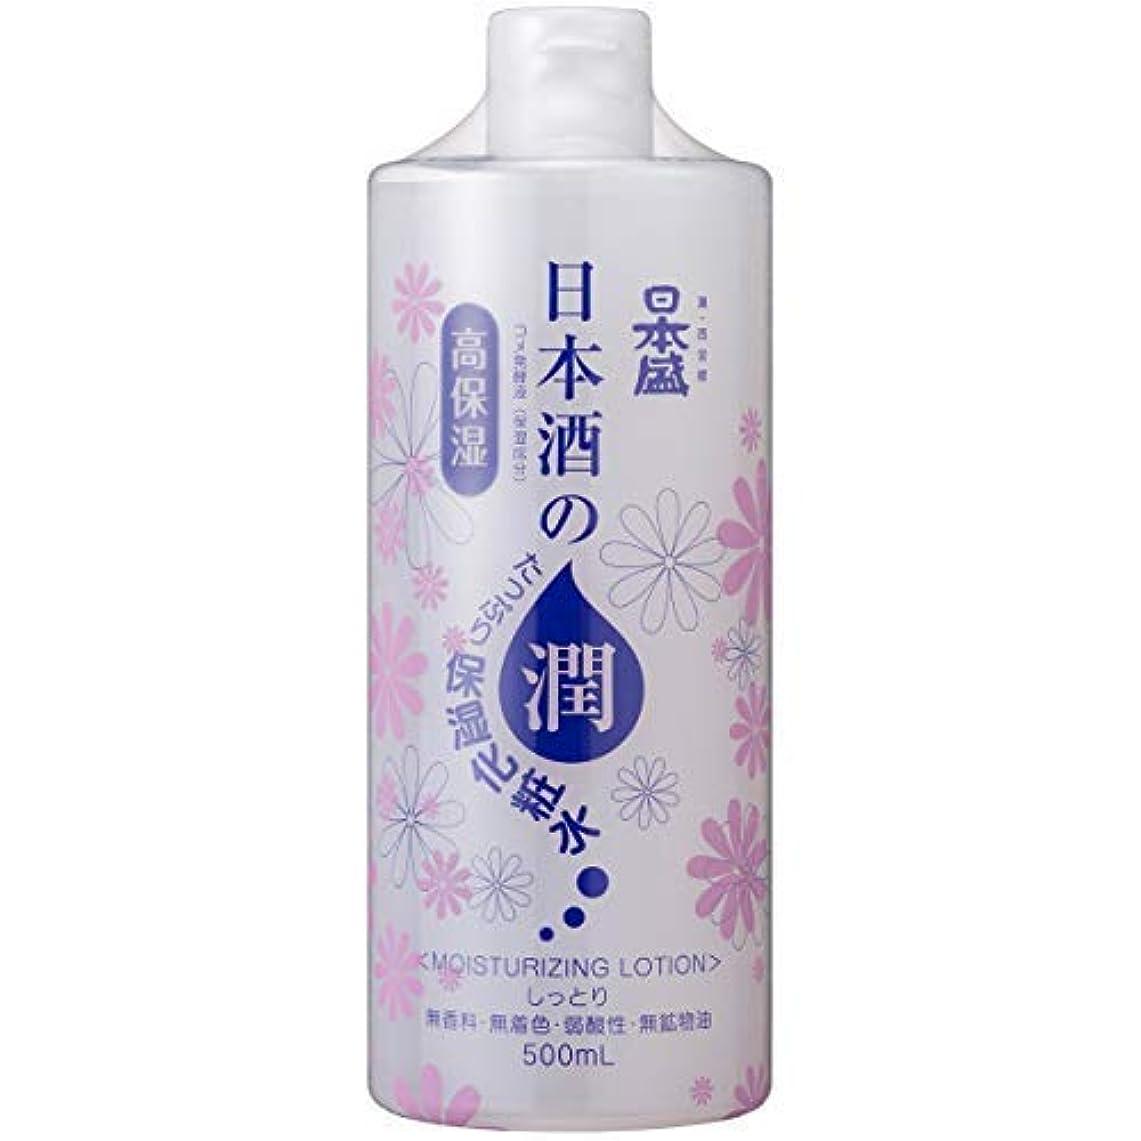 評価可能論争ダニ日本酒のたっぷり保湿 化粧水しっとり × 8個セット